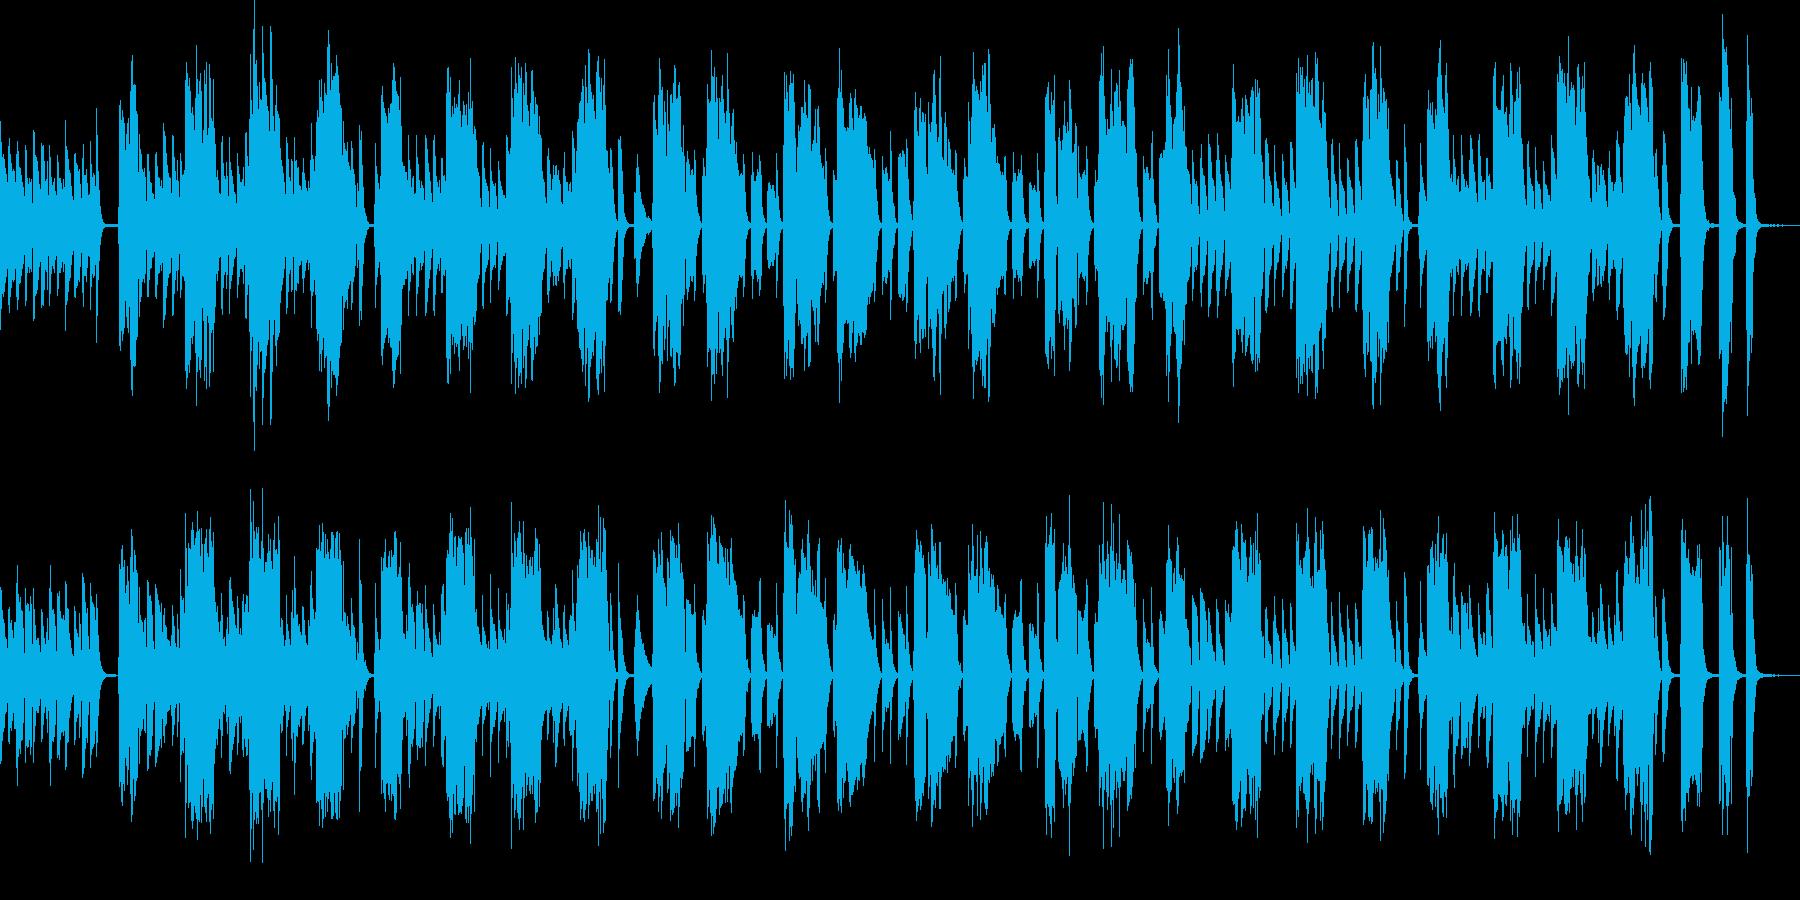 呑気かつ間の抜けたバスクラとピアノの再生済みの波形